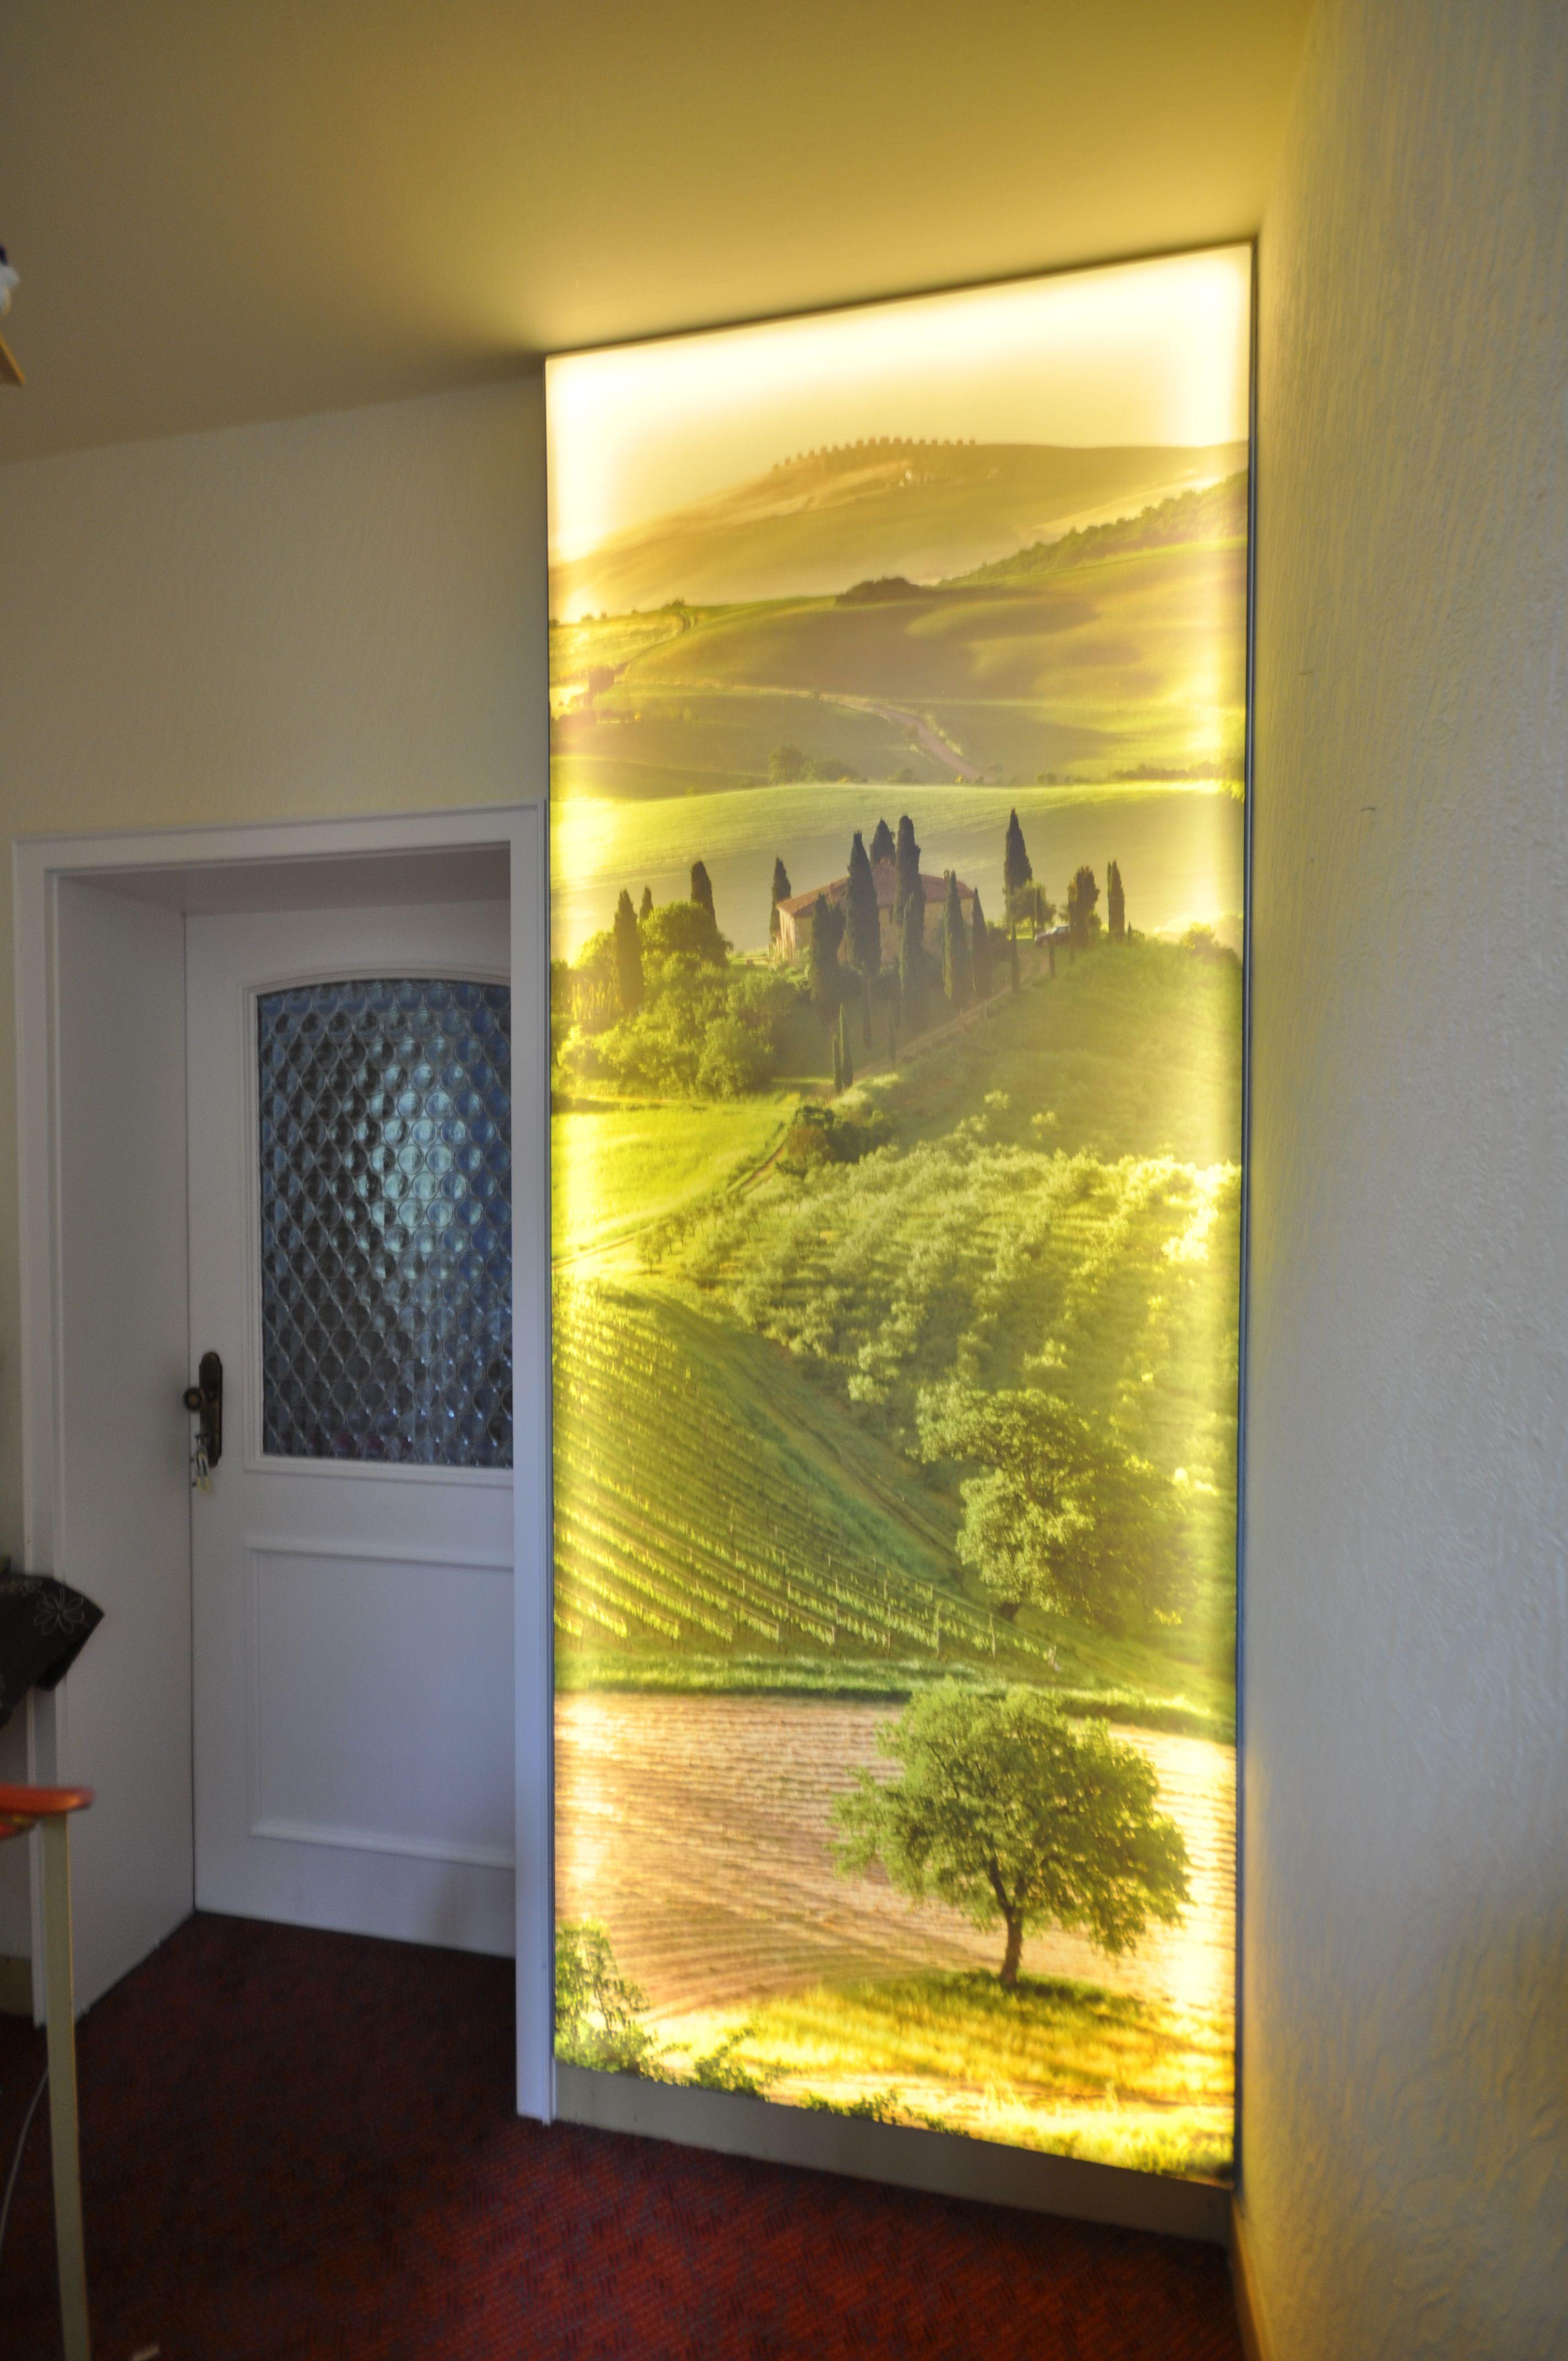 Bedruckte Spanndecke Als Lichtwand Im Flur Flur Decke